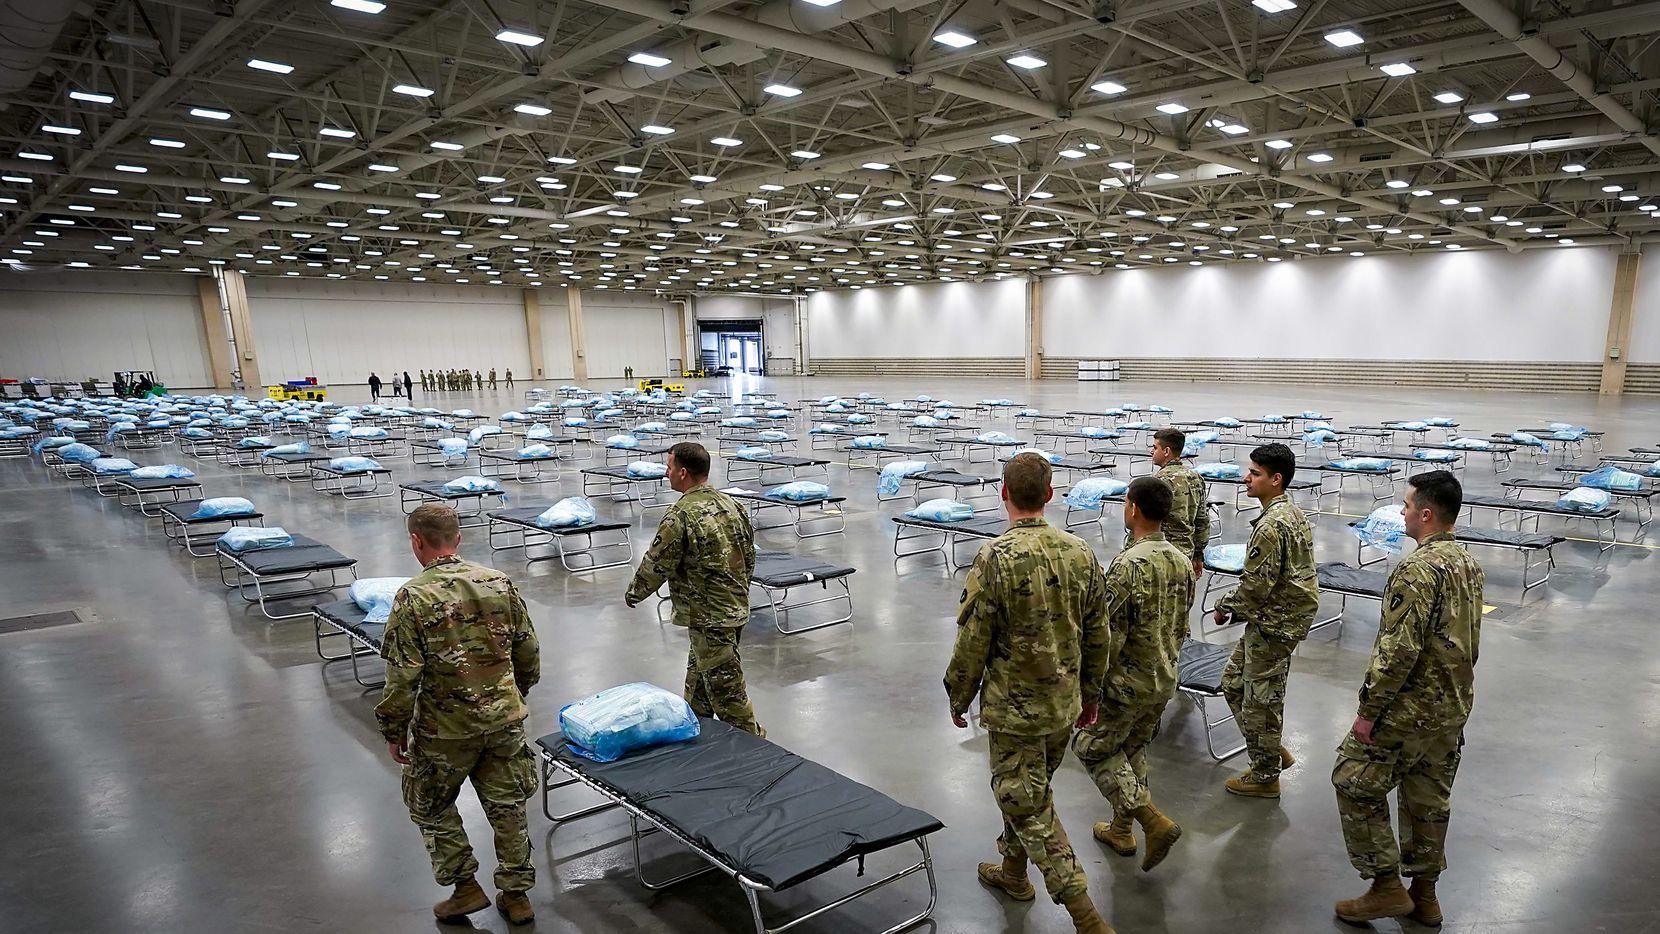 Miembros de la Guardia Nacional de Texas preparaban a finales de marzo un hospital móvil en el Centro de Convenciones de Dallas. Esta posibilidad de usar un centro médico emergente para recibir pacientes con covid-19 será revisitada este jueves.